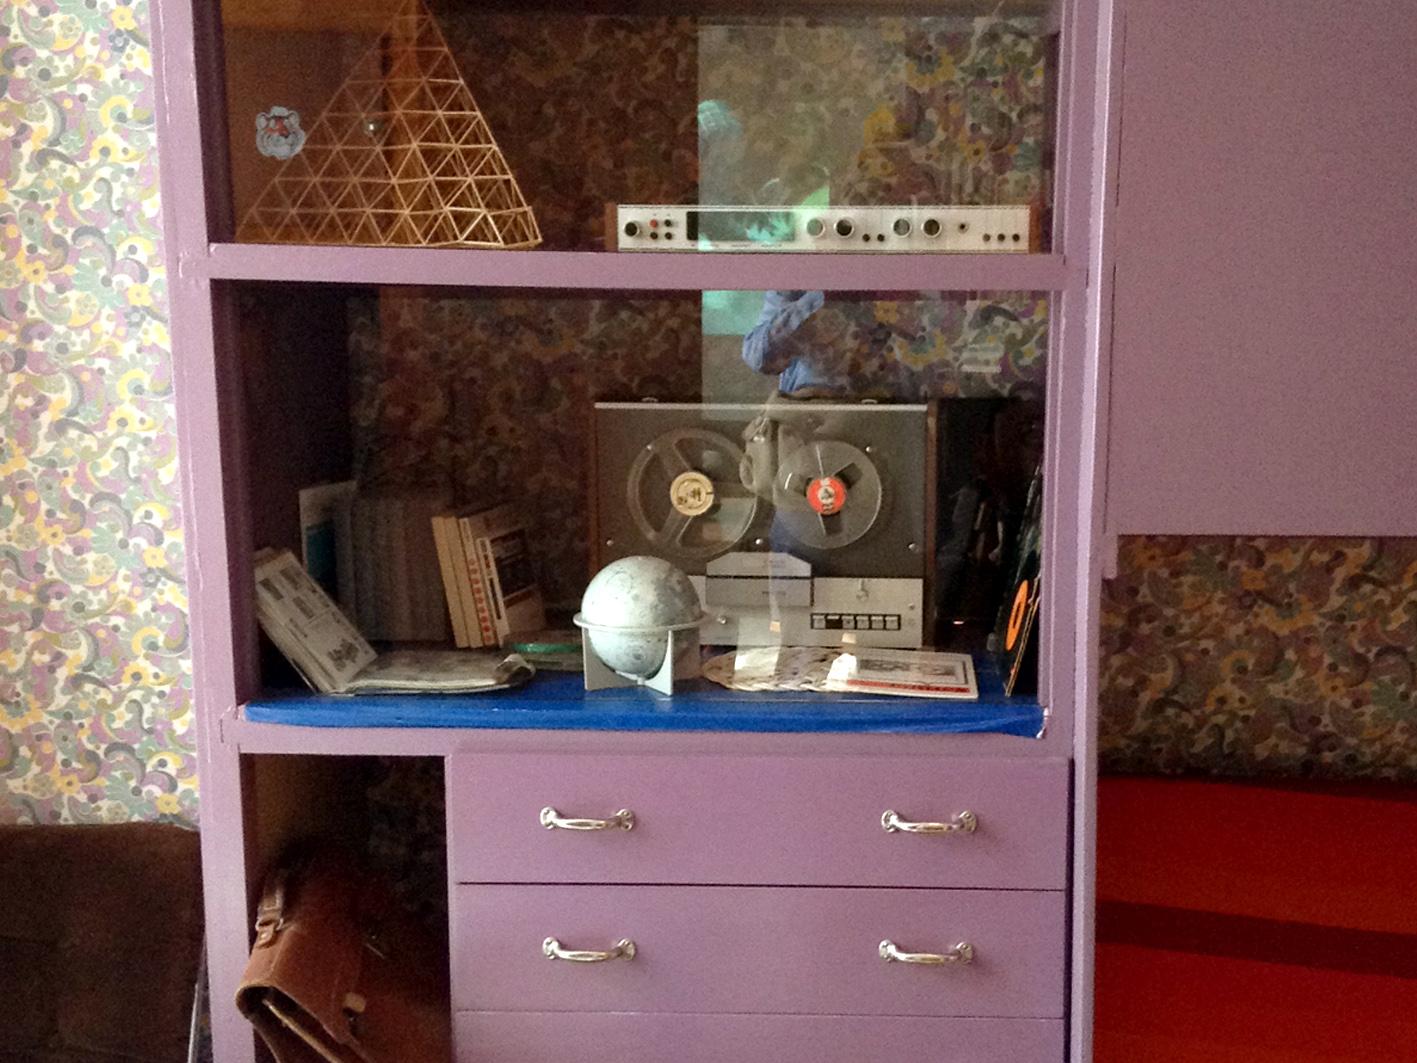 Interieur in einer 1970er Wohnung - Den Gamble By